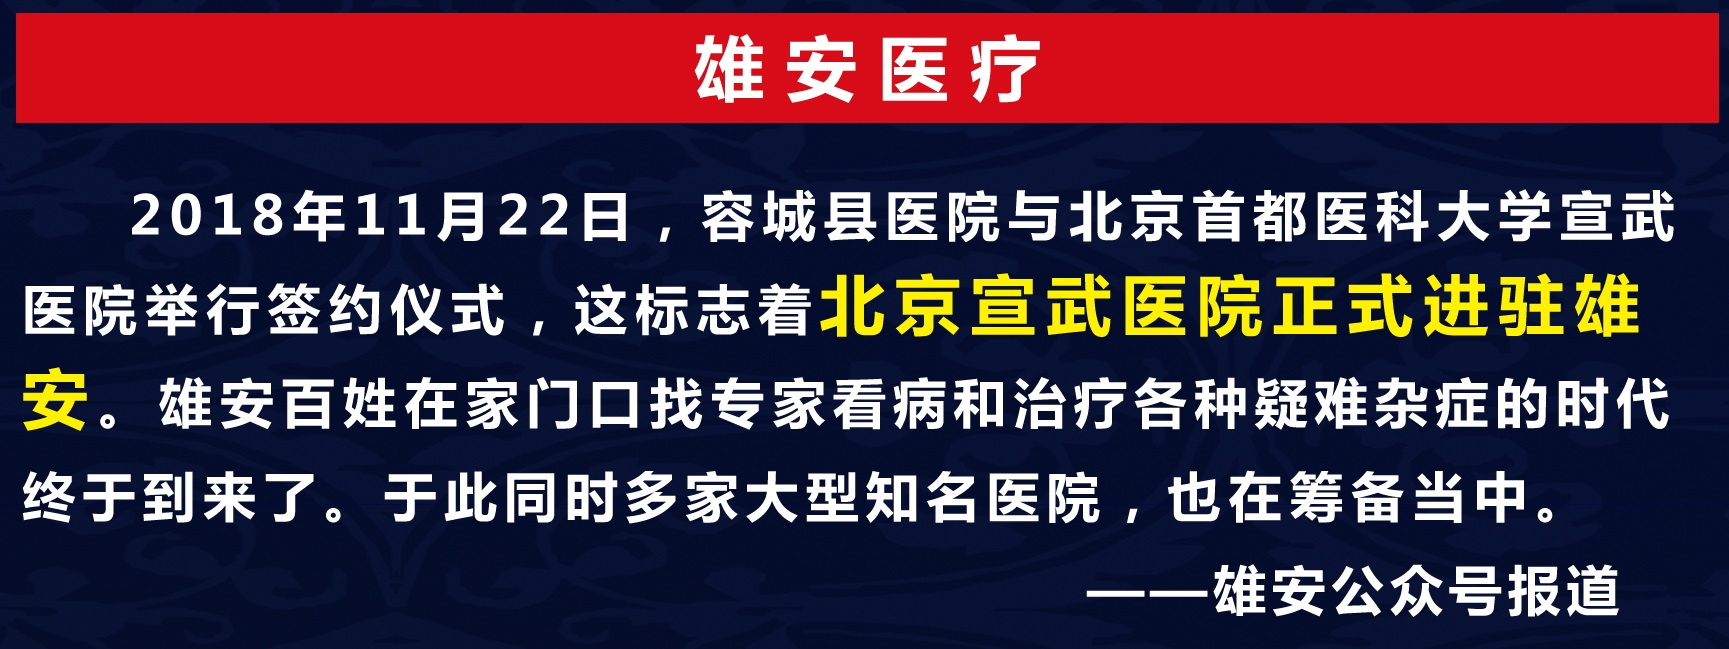 河南省-雄安白沟京雄世贸港三期活力谷楼盘动态